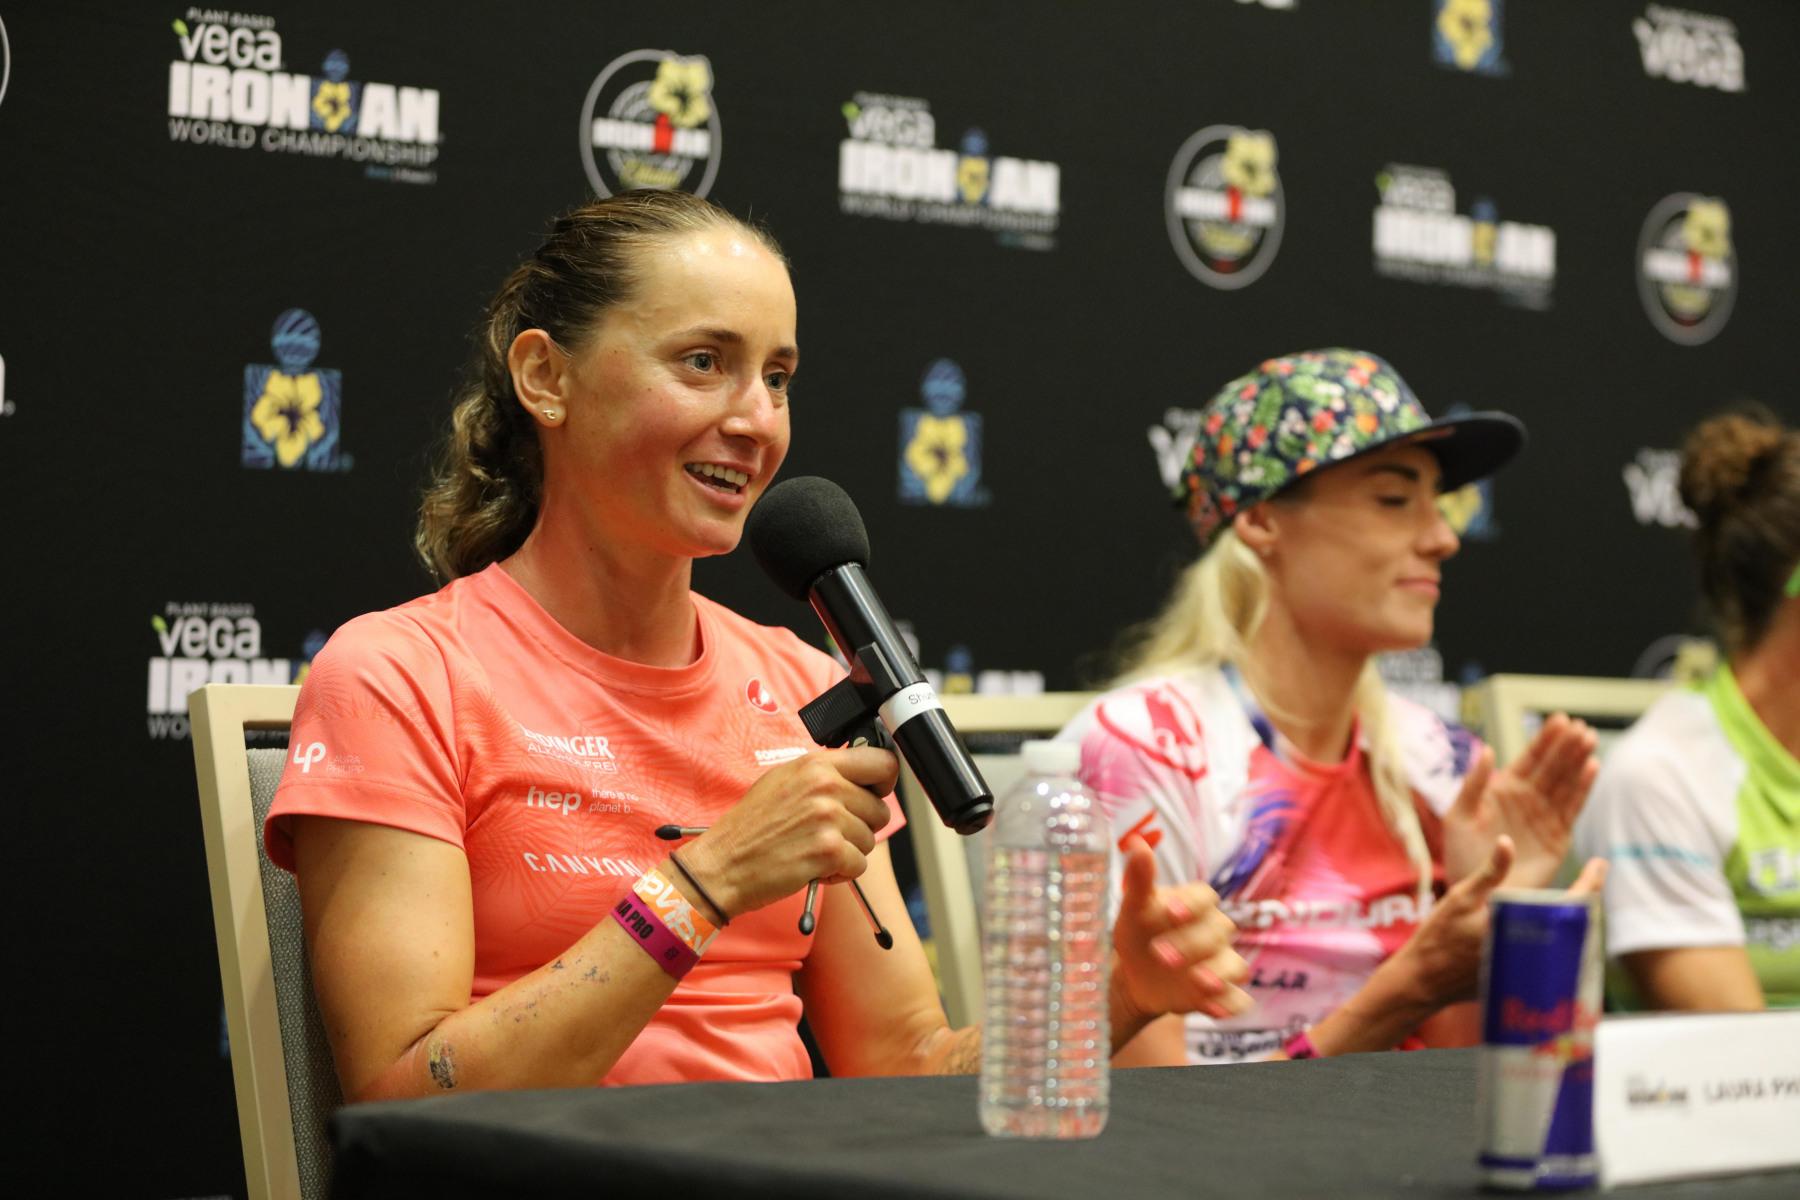 """Laura Philipp (4. Platz): """"Hart auf dem Rad zu fahren, war für mich die einzige Möglichkeit, nach dem Schwimmen noch eine Rolle zu spielen. Zusammen mit Daniela hatte ich viel Spaß, aber es hat auch sehr weh getan. Wir haben gut aufgeholt und ich konnte als Vierte loslaufen. Der Marathon war tough, weil ich erst seit fünf Wochen richtig laufe. Ich  hatte großen Respekt vor der 20- und 30-Kilometer-Marke. Es war ein schönes Debüt und ein tolles Rennen. Nachdem ich das Podium so knapp verpasst habe, freue ich mich schon auf nächstes Jahr."""""""